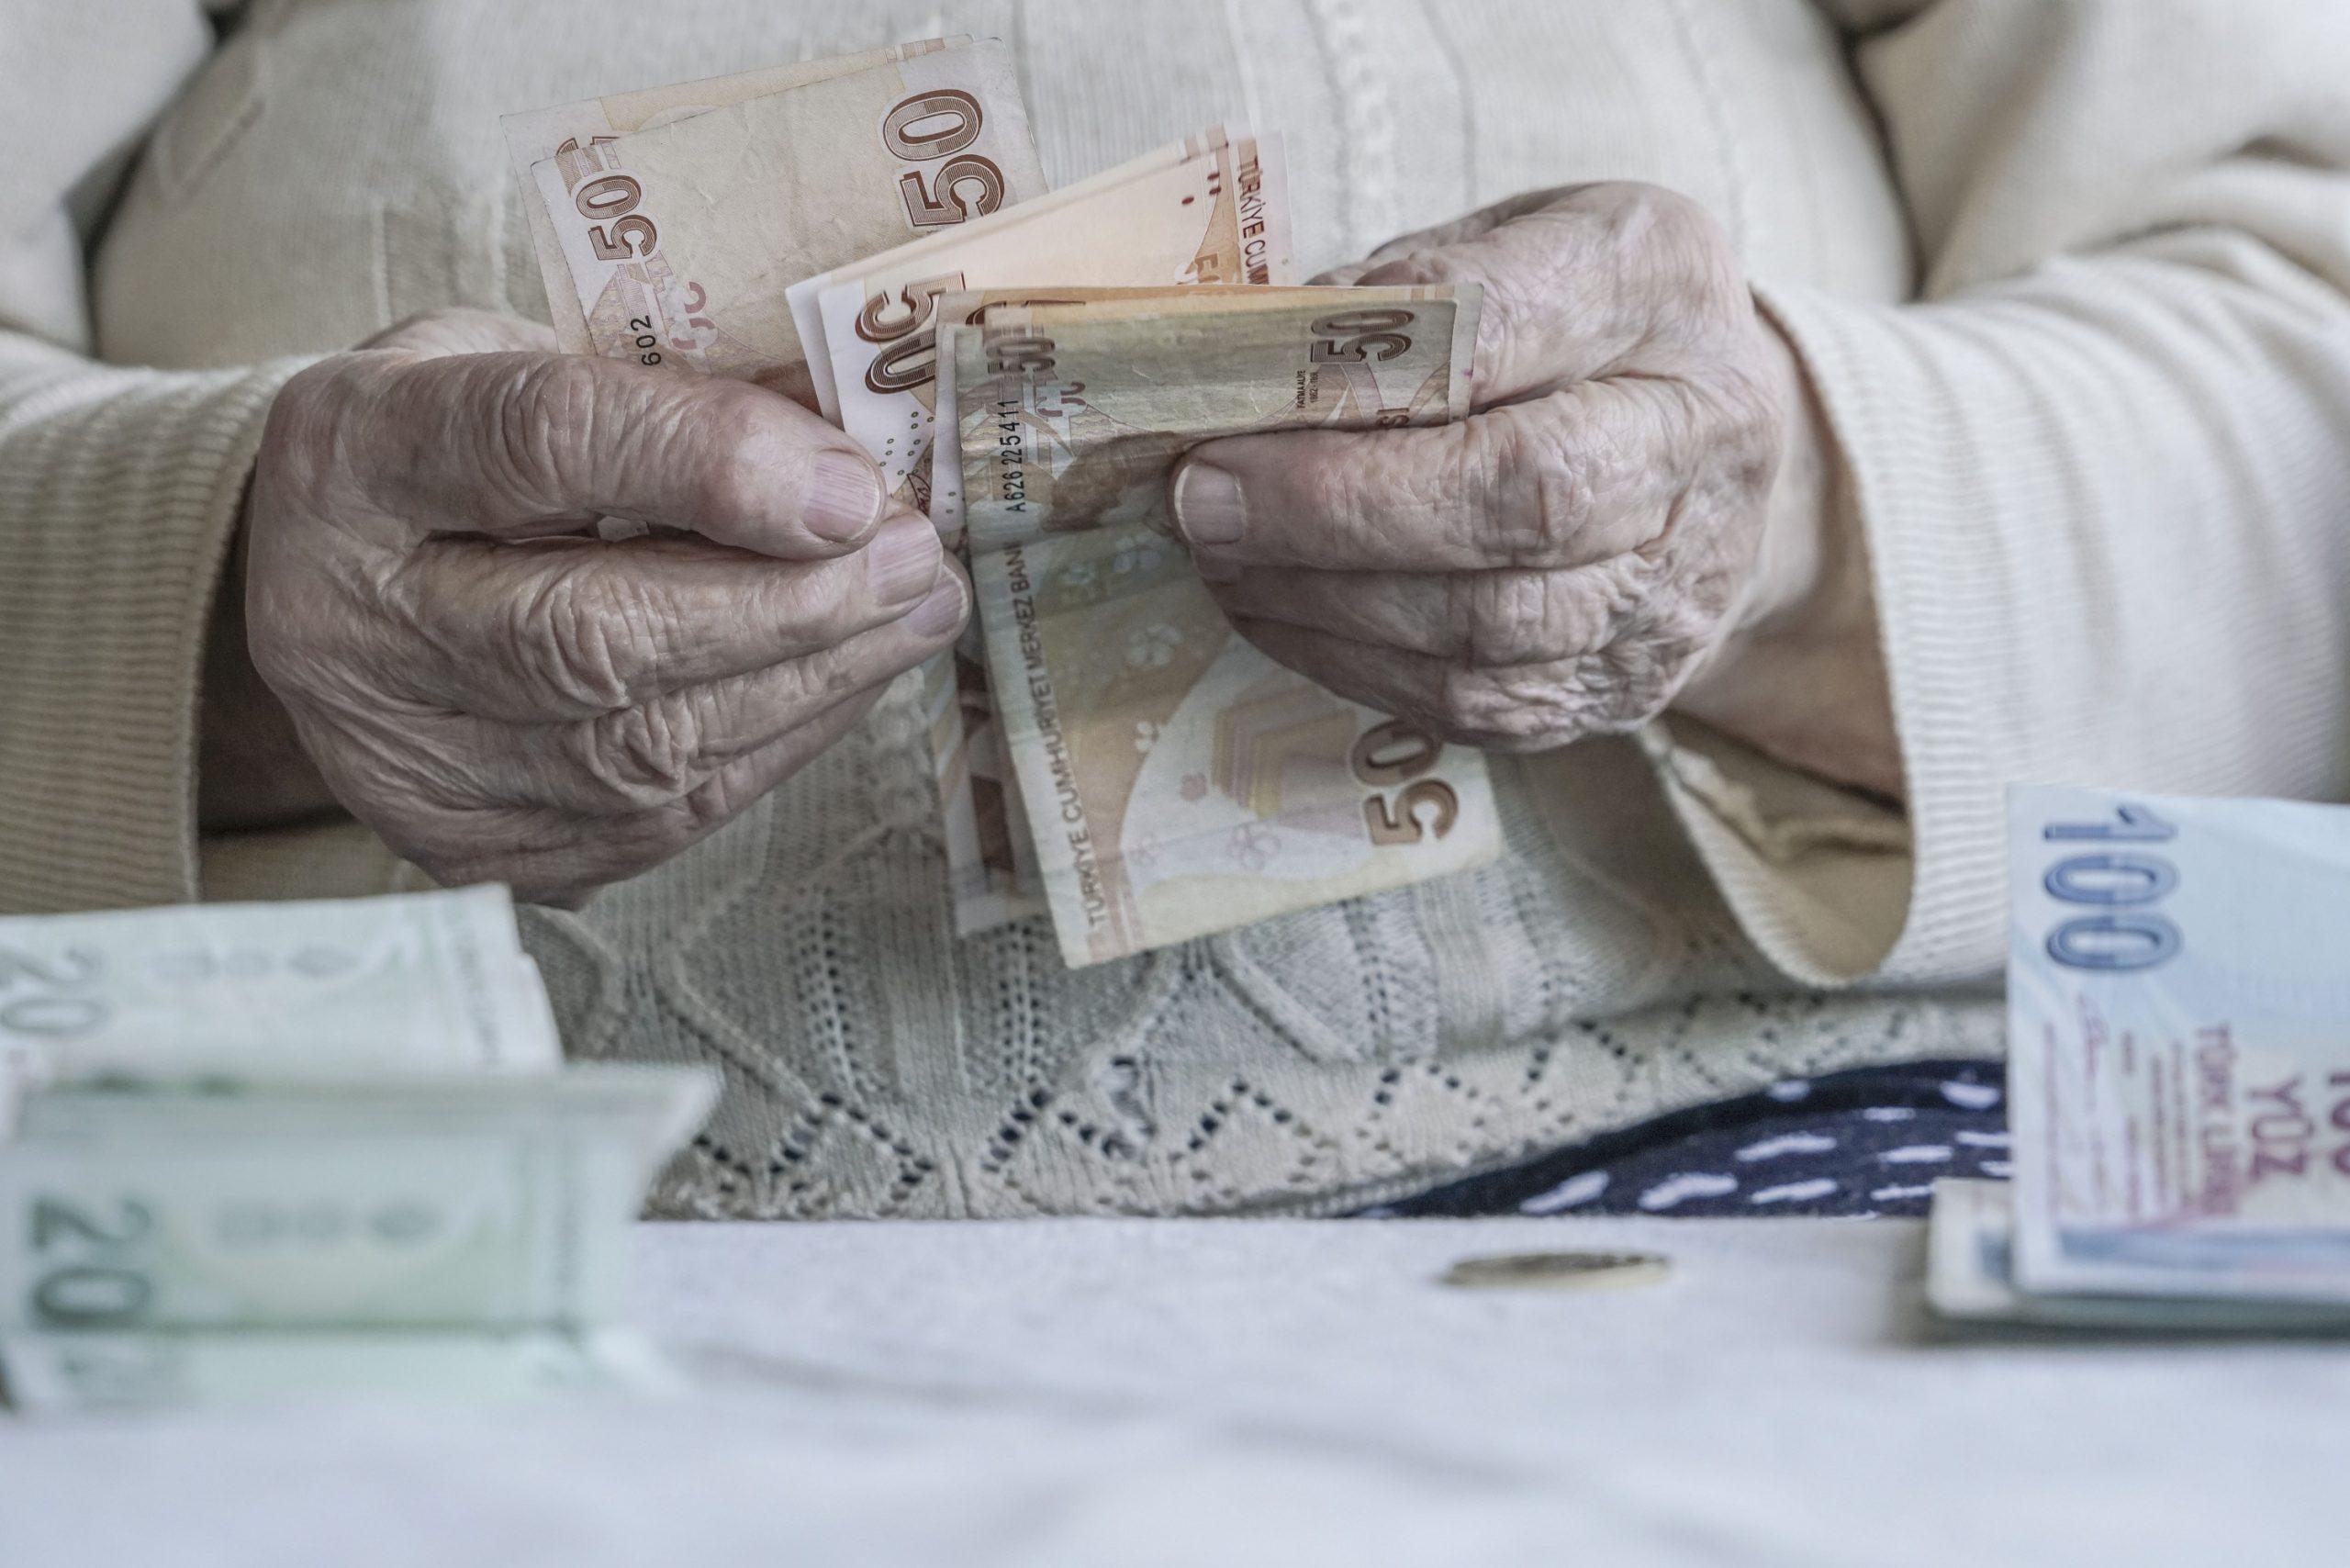 bakim parasi nedir